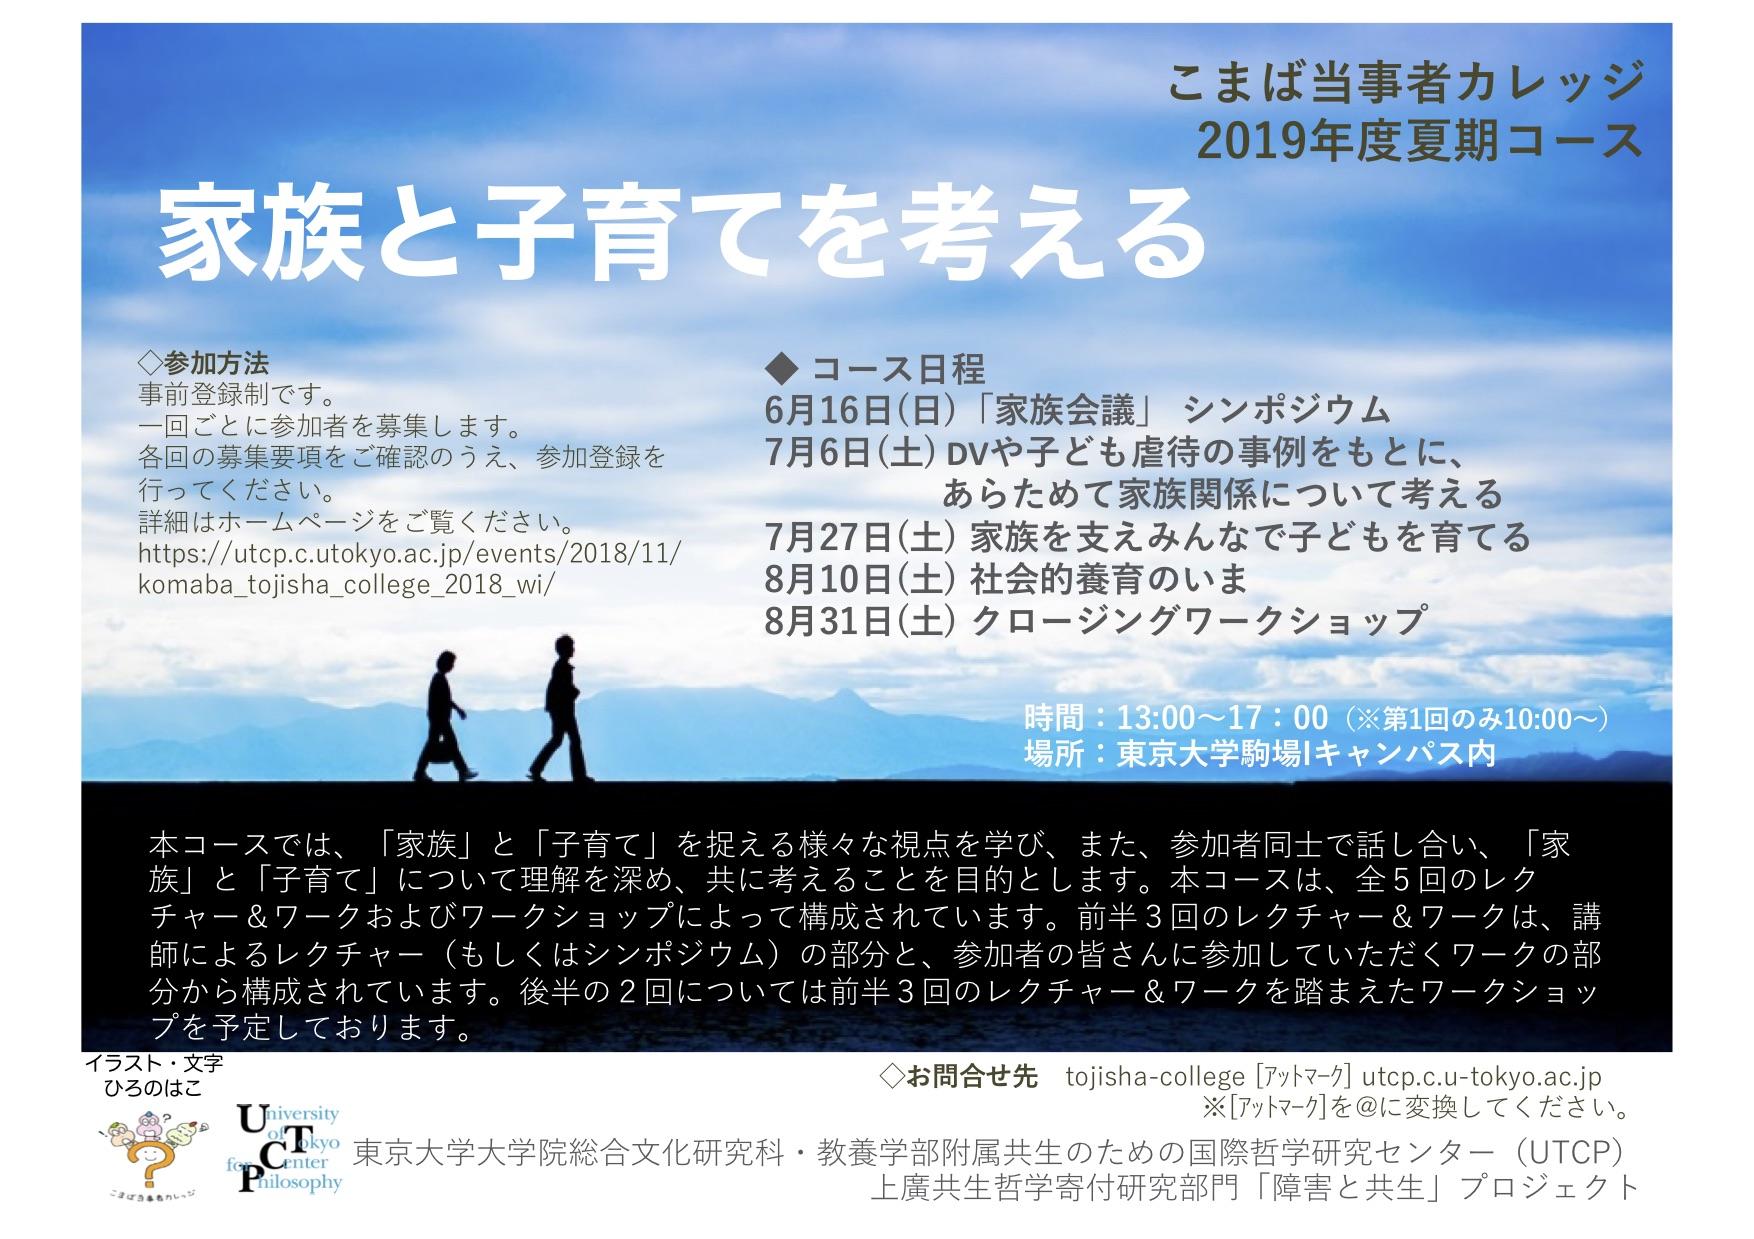 2019_summer_poster_ver2.jpg